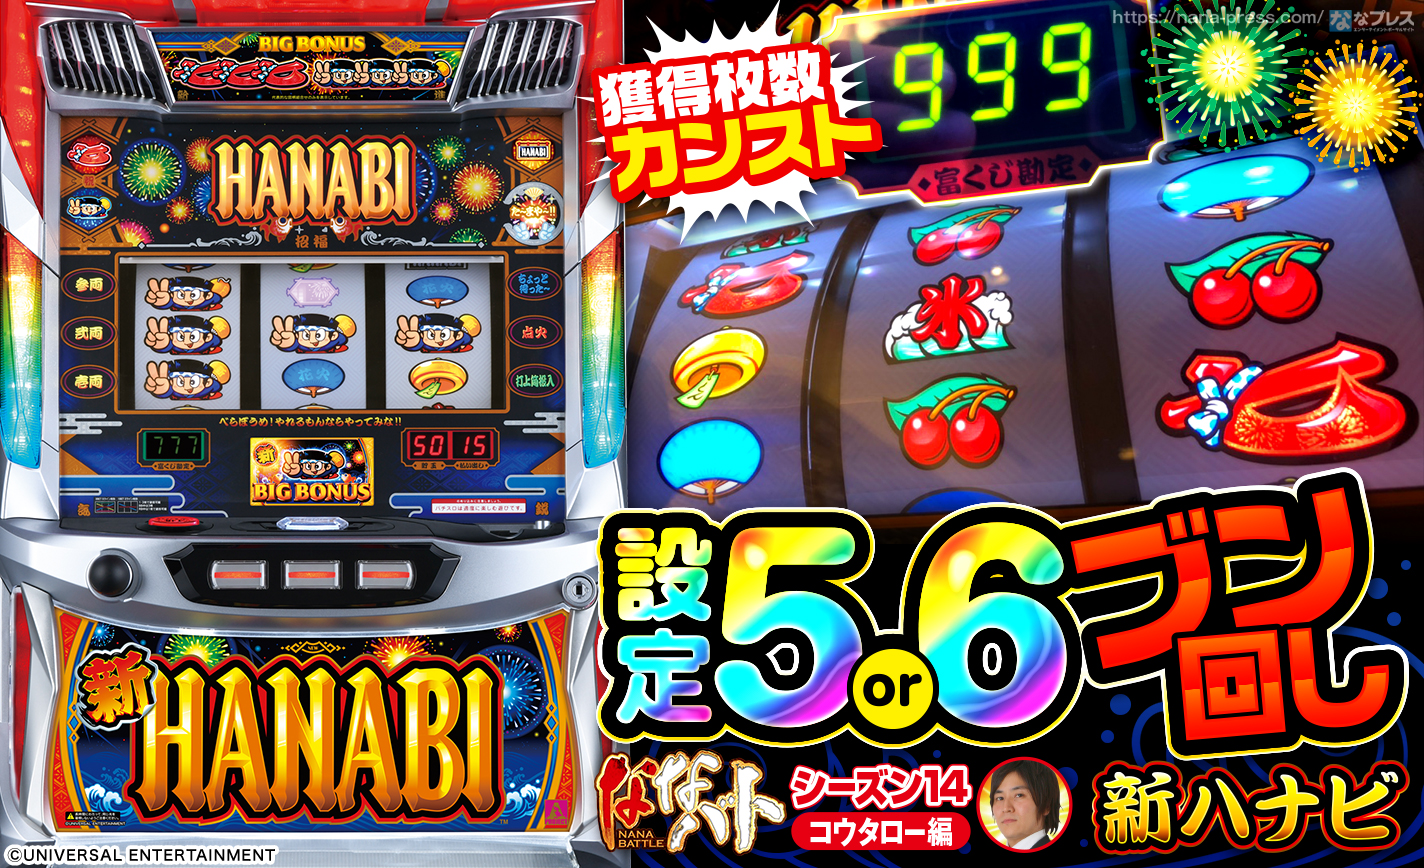 【新ハナビ】怒涛の連チャンで獲得枚数カンスト!設定5or6を閉店までブン回した結果